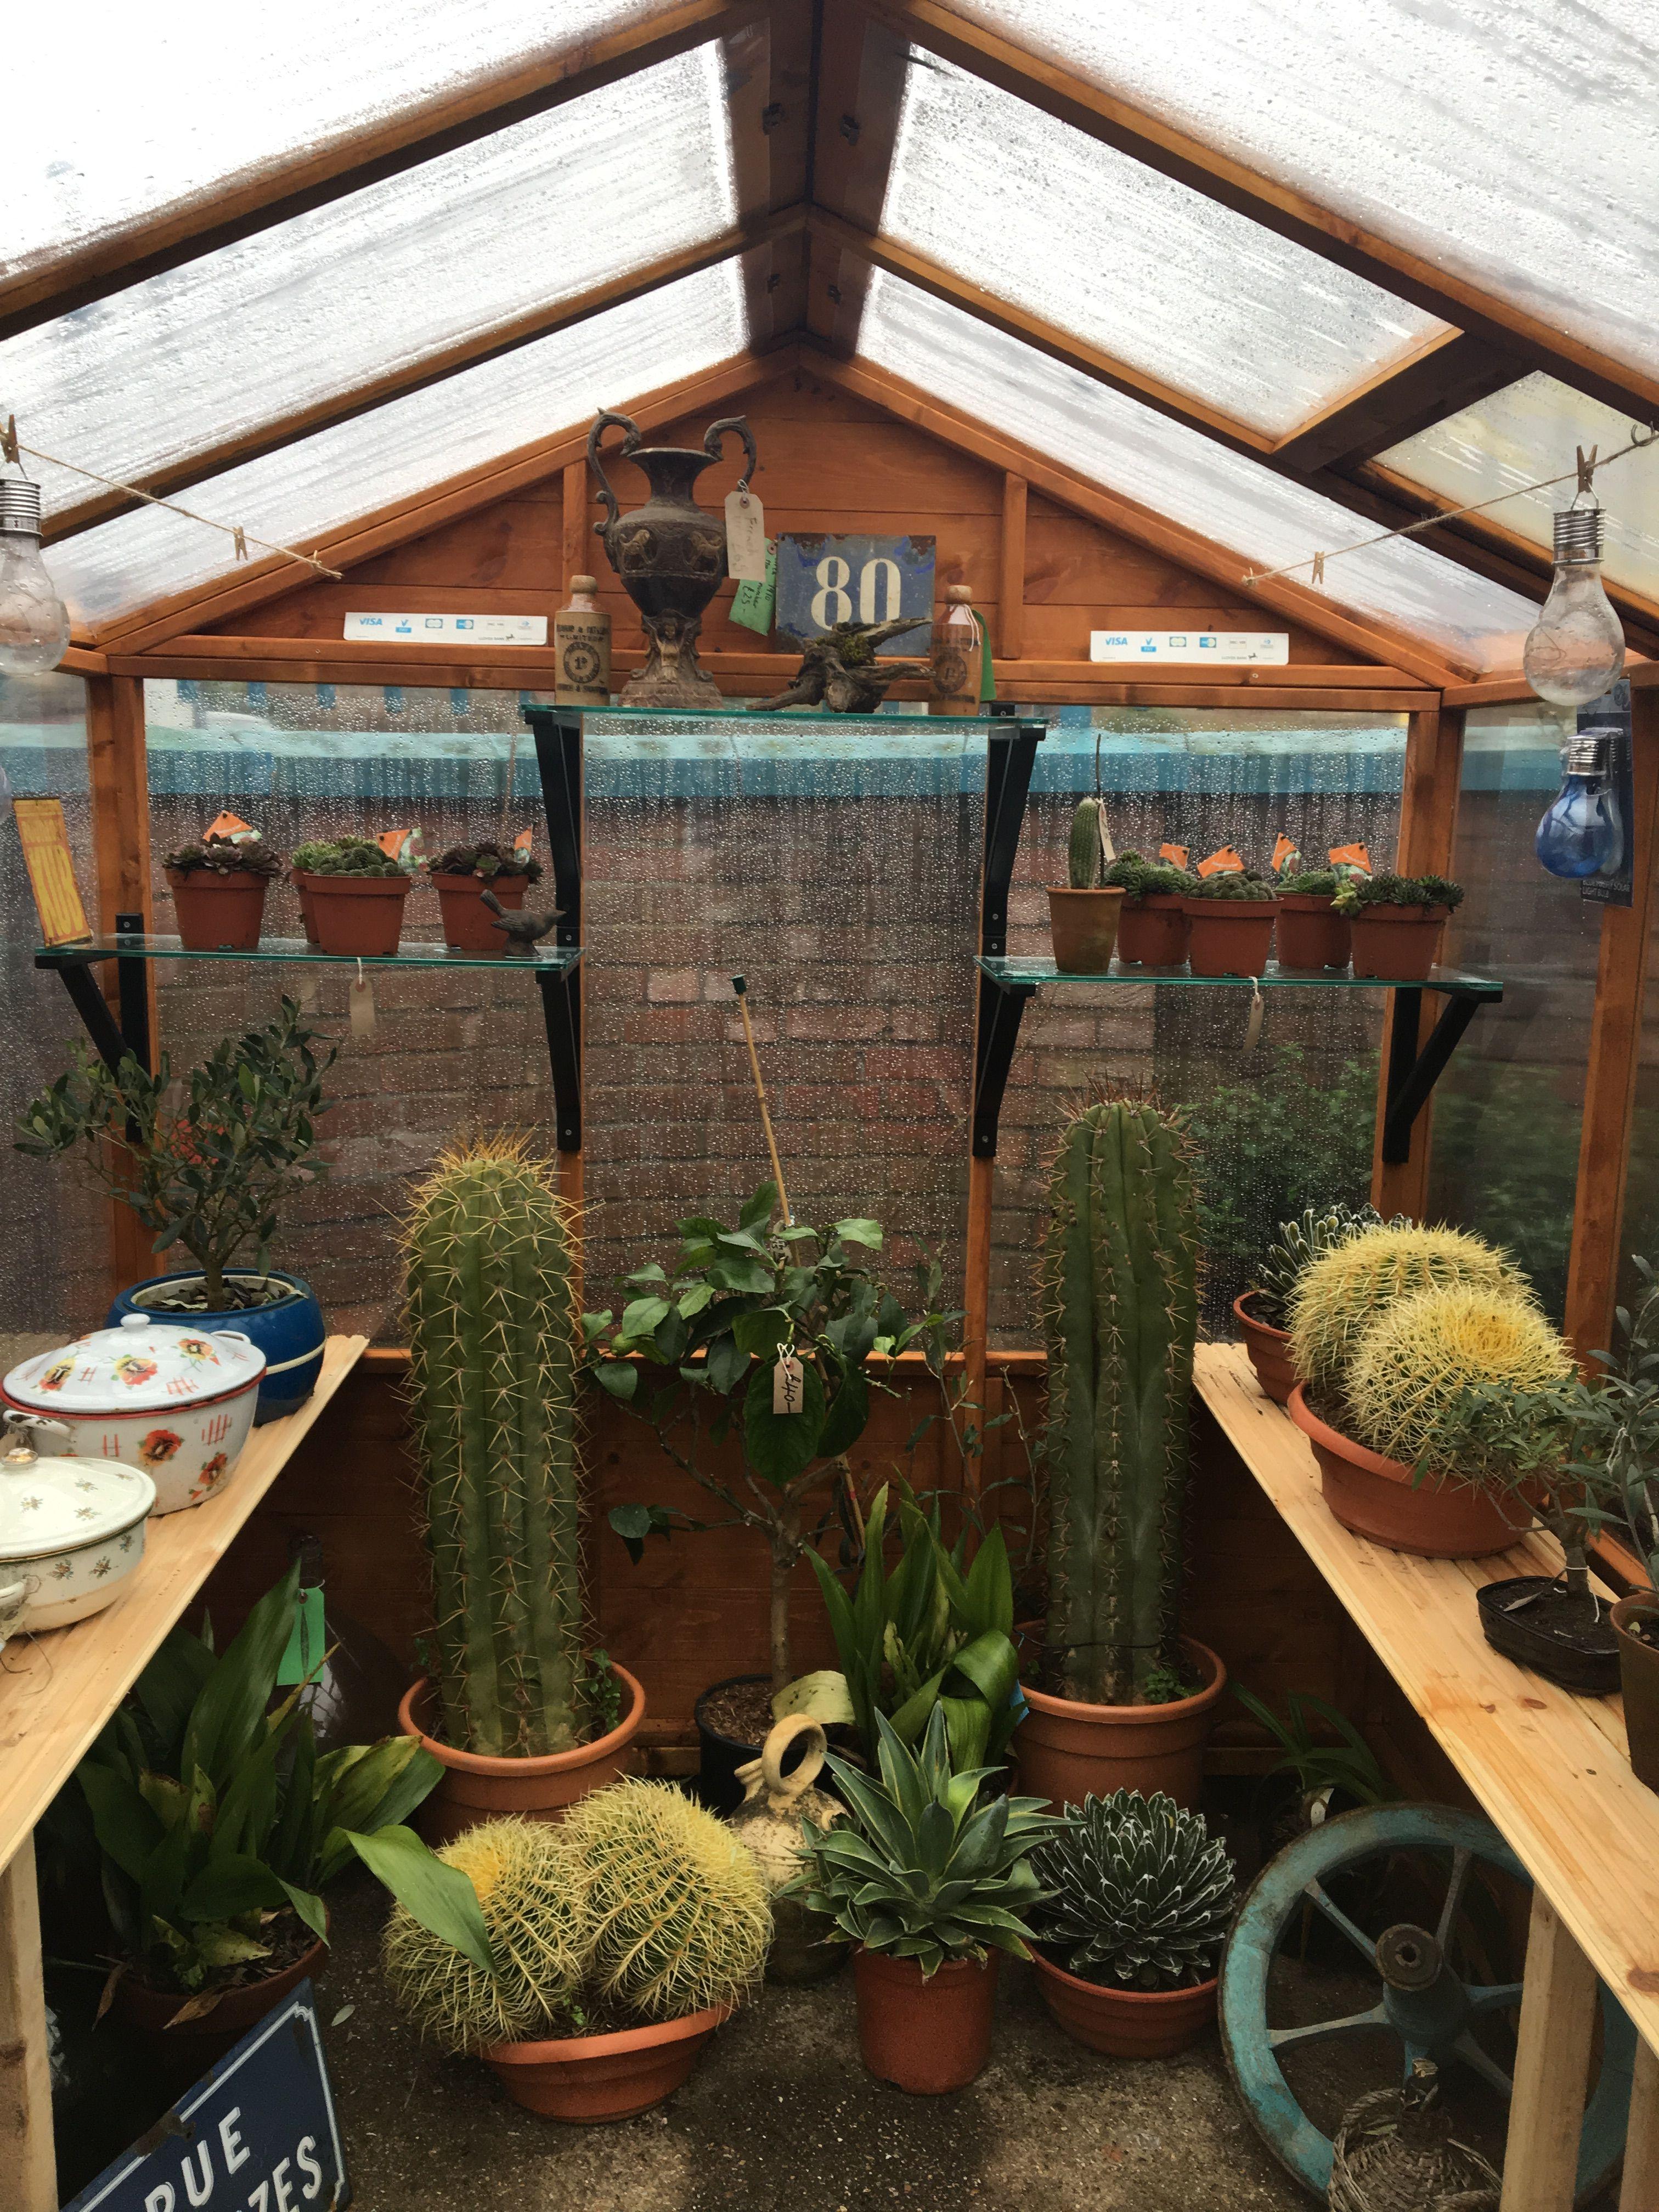 Prickly beasts! Olive garden delivery, Indoor gardening